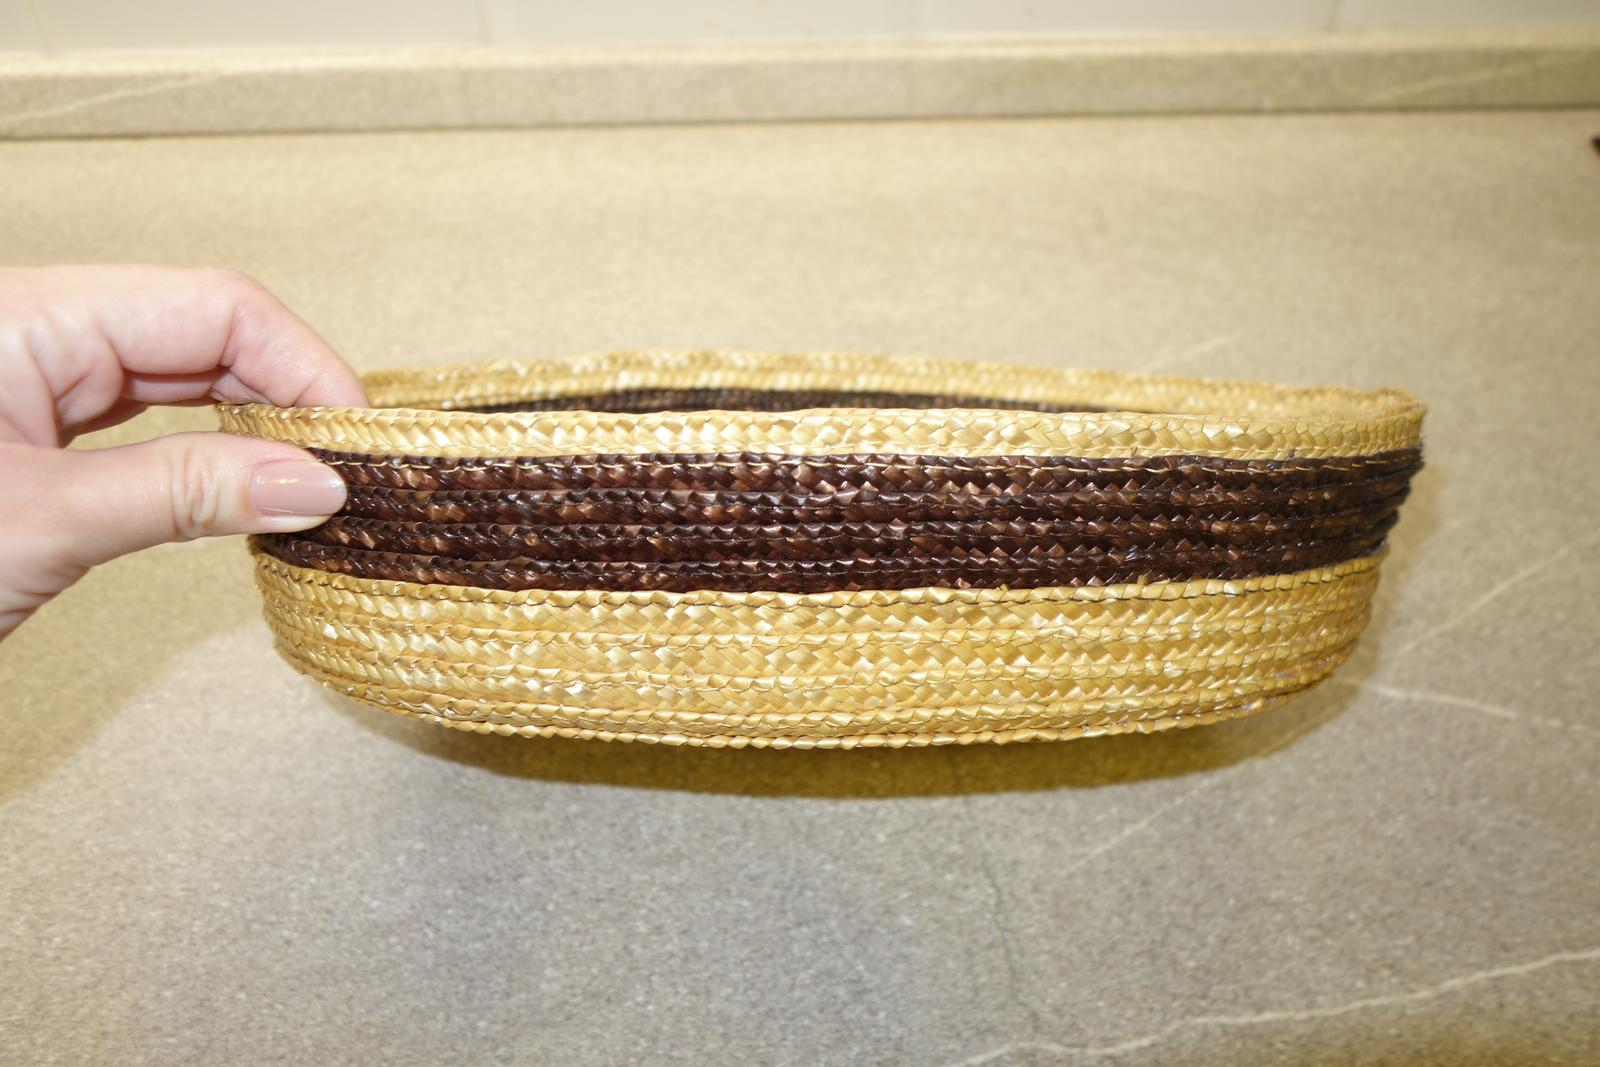 Prútený košík - miska na ovocie al. drobnosti - Obrázok č. 1